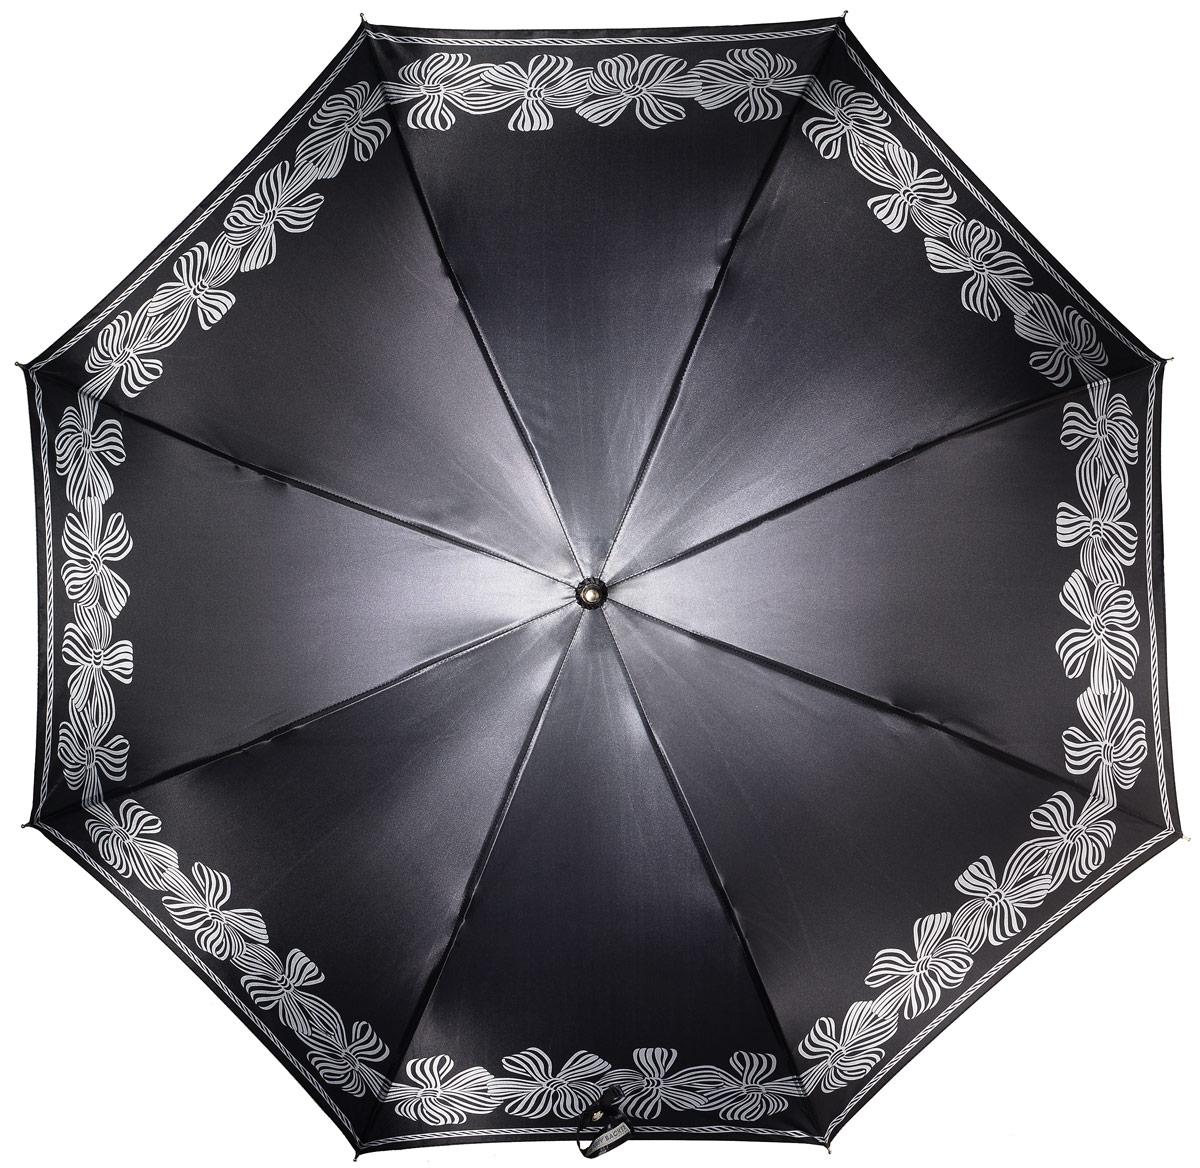 Зонт женский Henry Backer, цвет: серый. U11204 BowsREM12-GREYЖенский зонт-трость «Банты» с сатиновым куполом, черный, автоматБольшой купол отлично защитит от дождя, удобная рукоять комфортно располагается в руке. Ветроустойчивый каркас выполнен из стали и фибергласса.